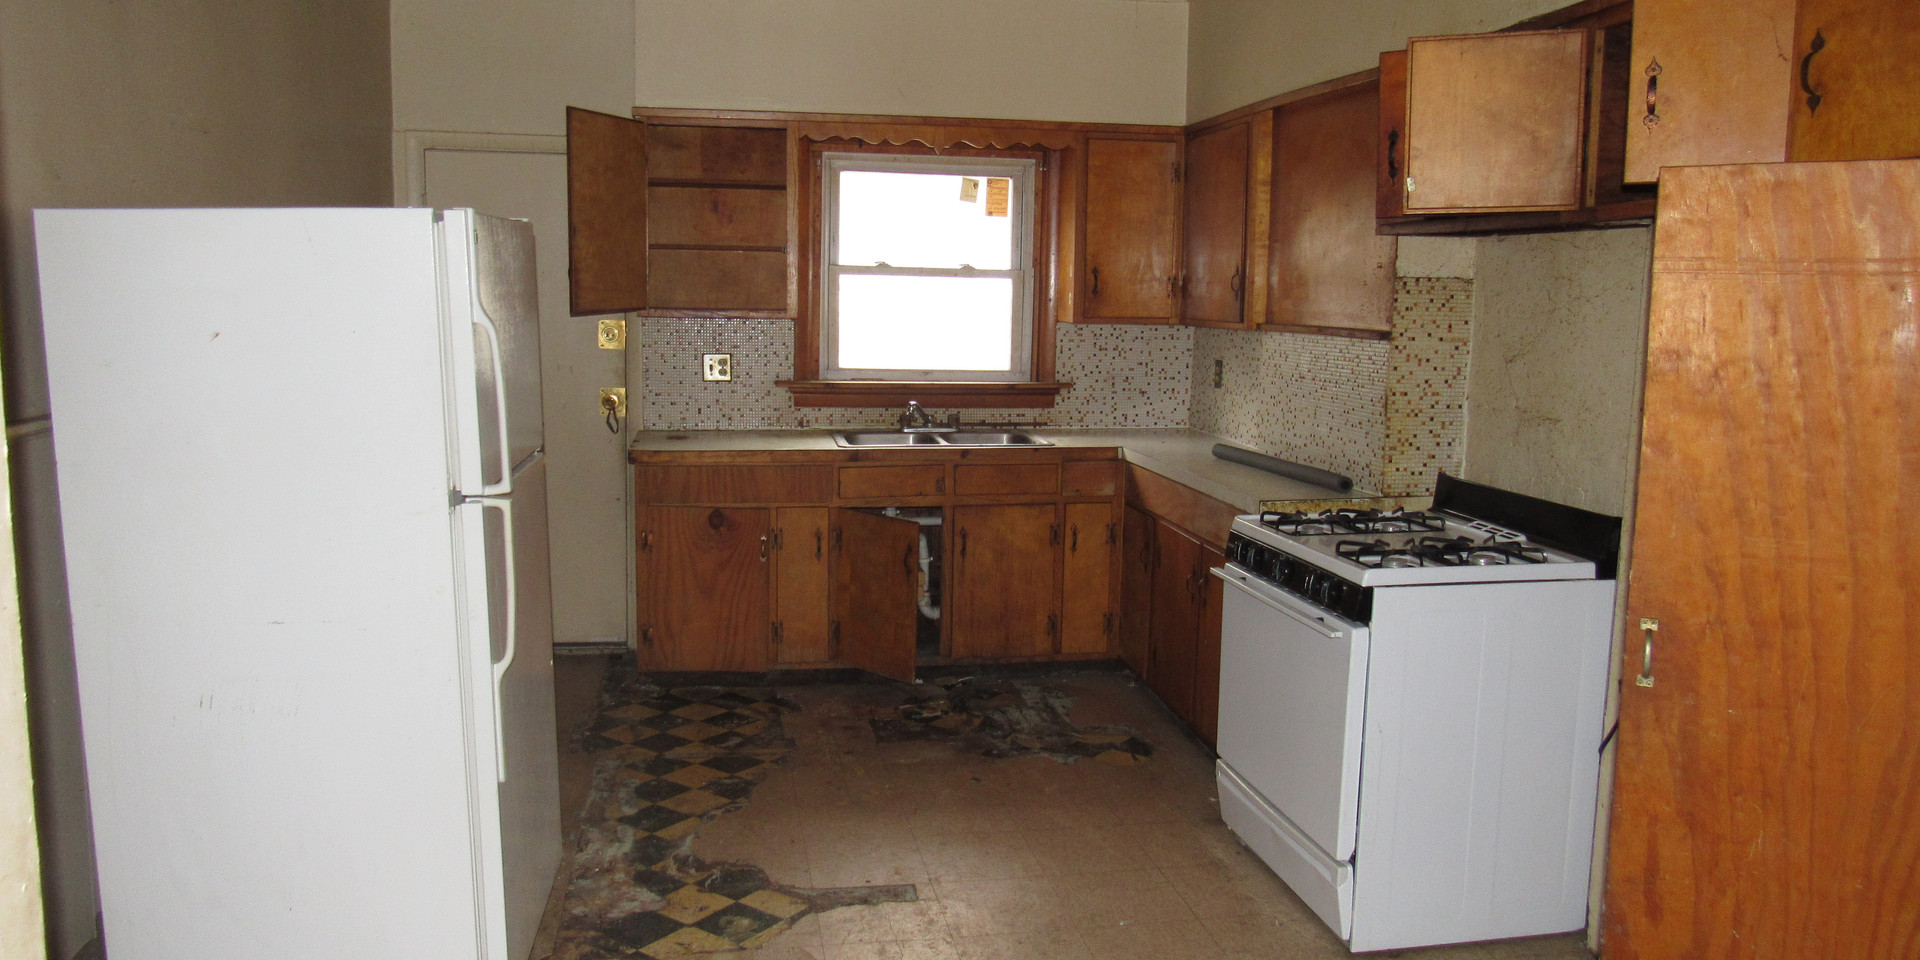 04 Kitchen AB.JPG